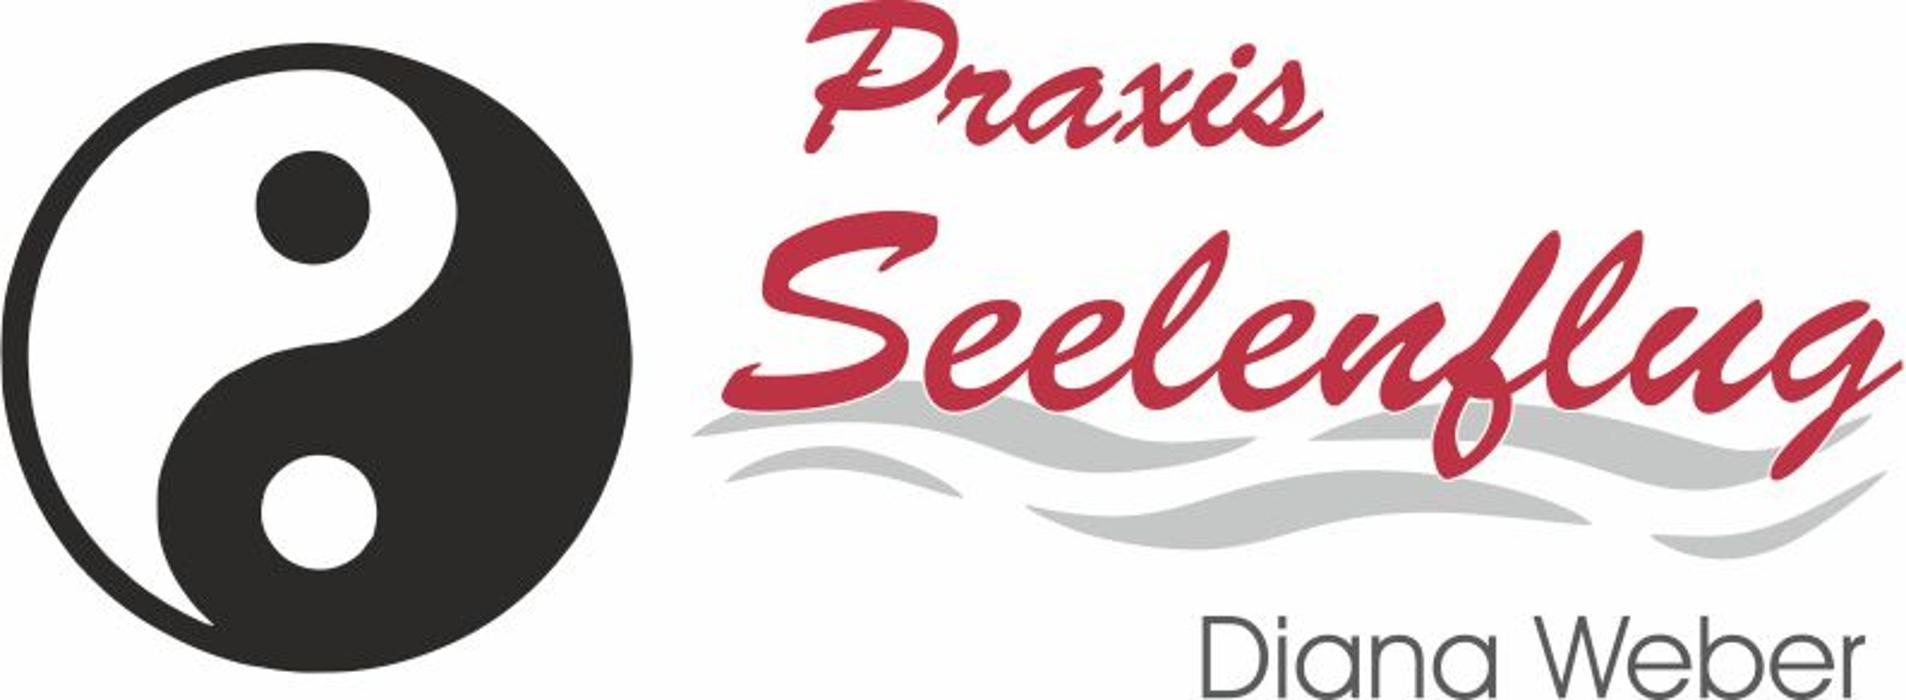 Bild zu Praxis Seelenflug - Diana Weber - Hypnose & Geistiges Heilen in Malsch Kreis Karlsruhe